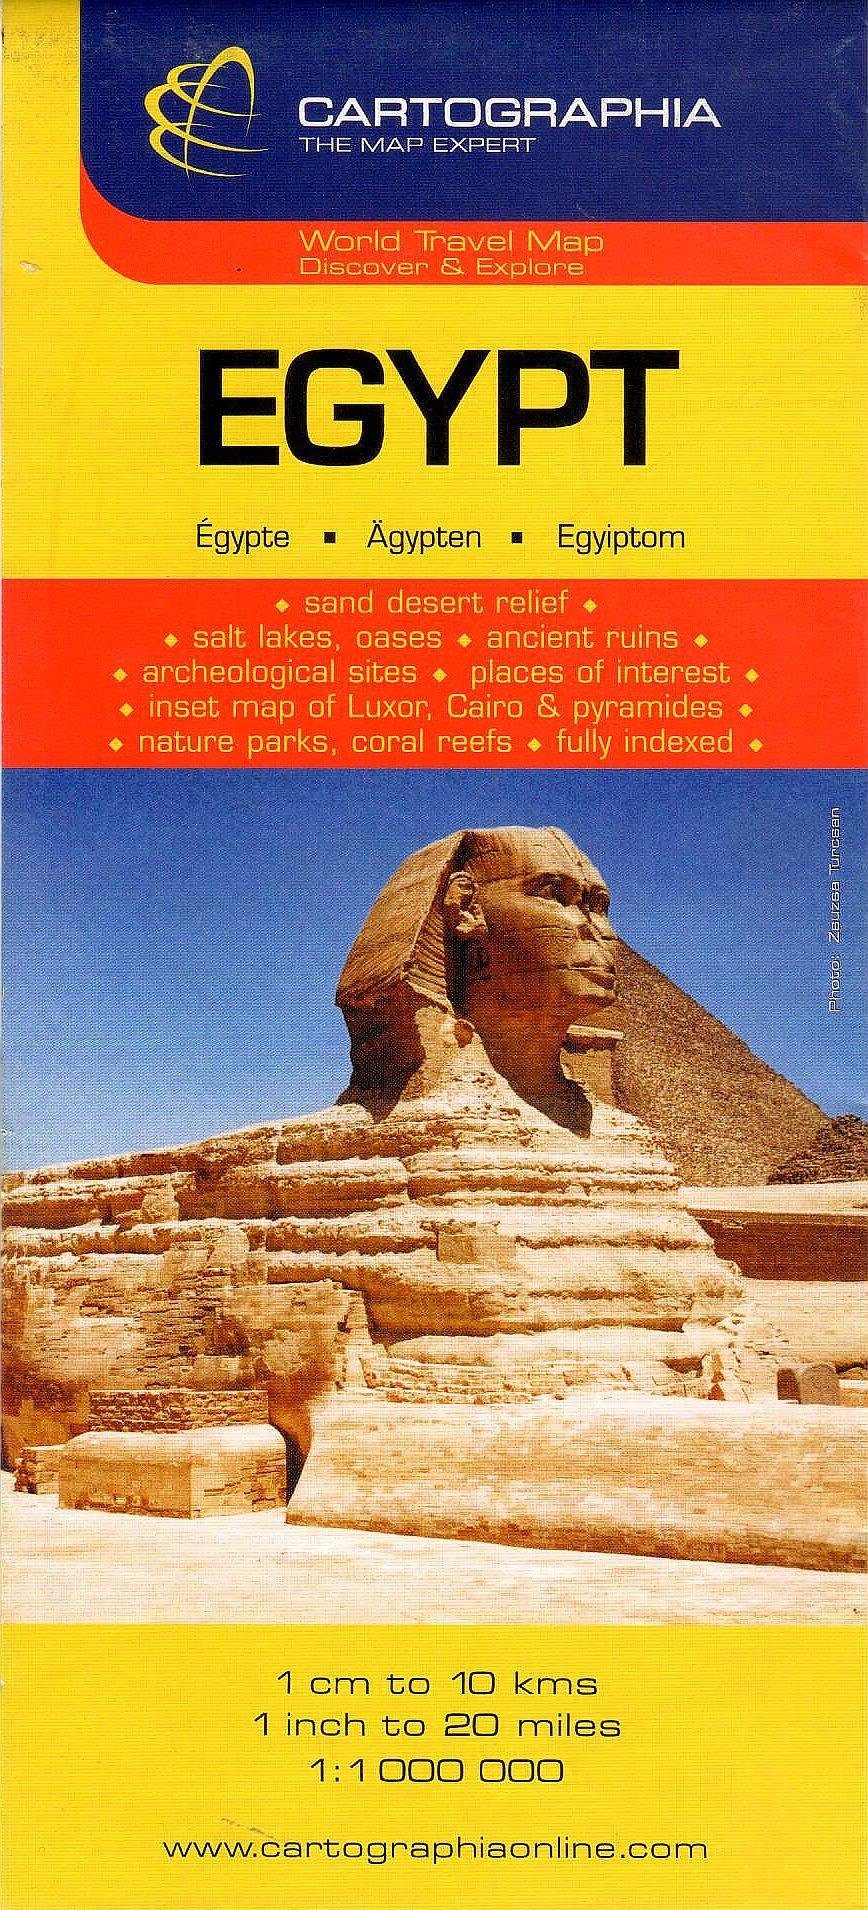 Egyiptom általános földrajzi térképe autós és turista információkkal, névmutatóval. Melléktérképek: Kairó a piramisokkal, Luxor